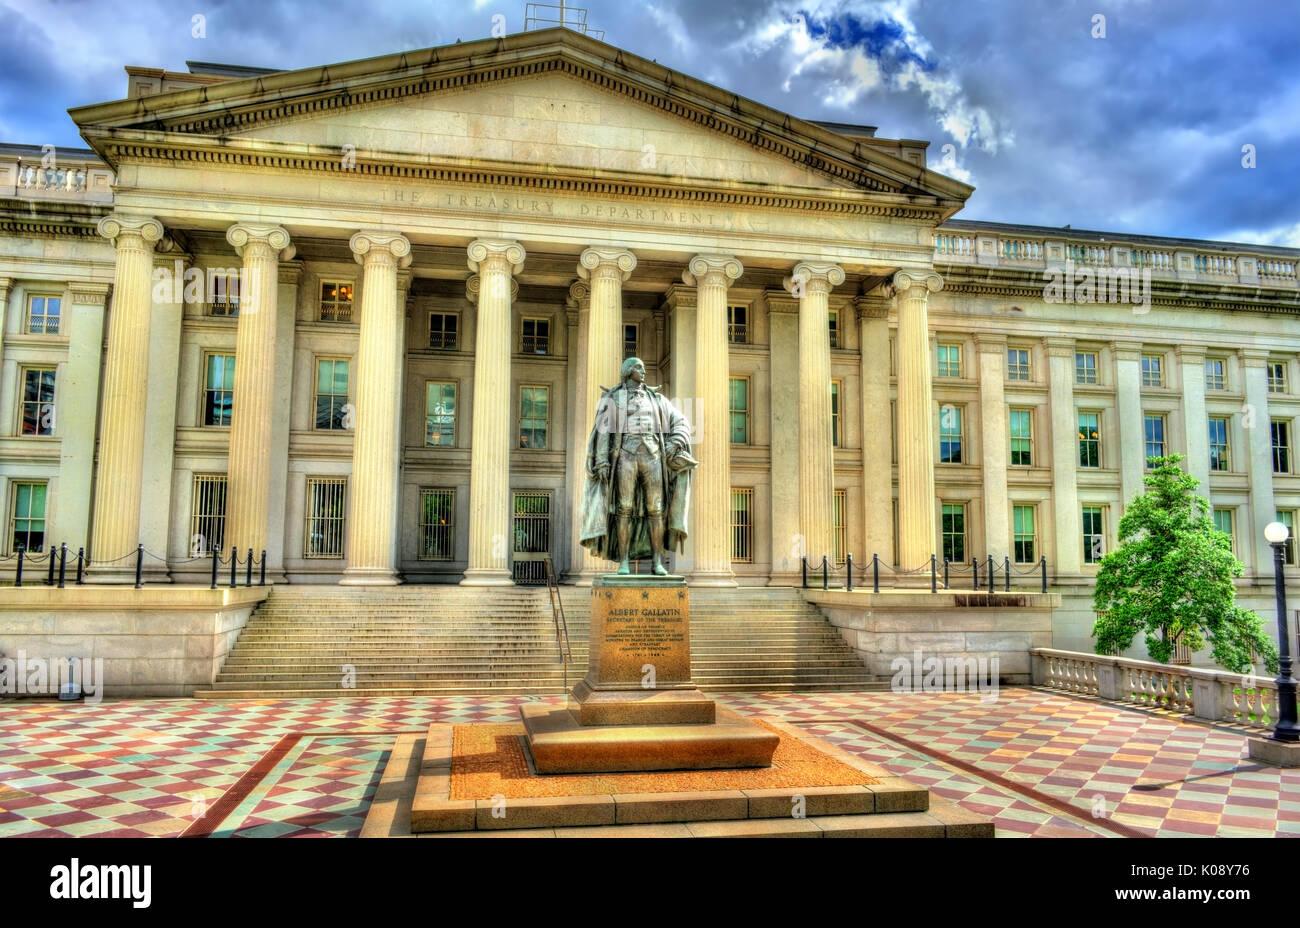 Statua di Albert Gallatin davanti a noi il reparto Tesoreria edificio in Washington, DC Immagini Stock